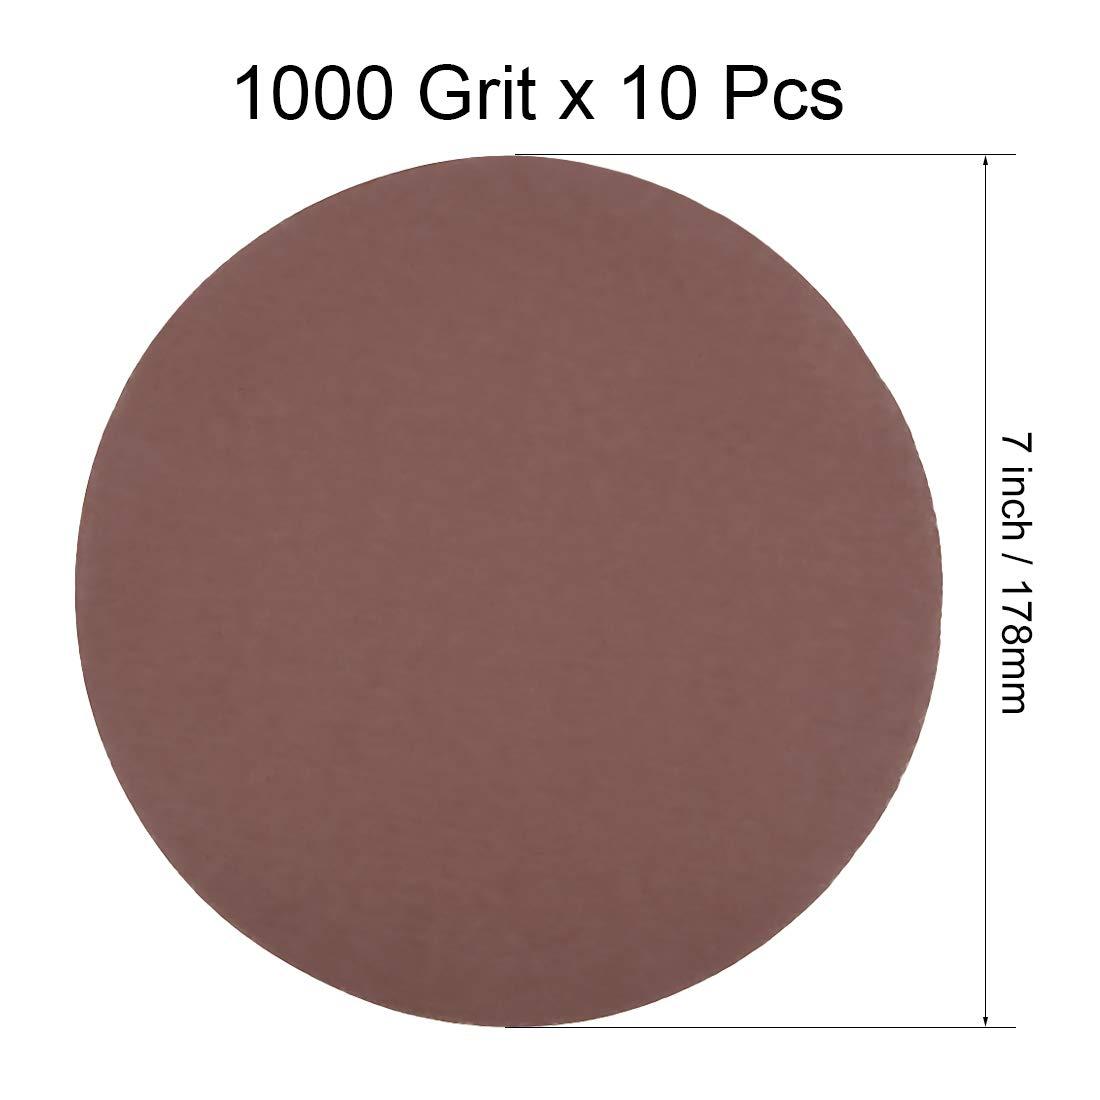 sourcing map 7 Inch Sanding Discs 40 Grits Flocking Sandpaper for Sander 10 Pcs